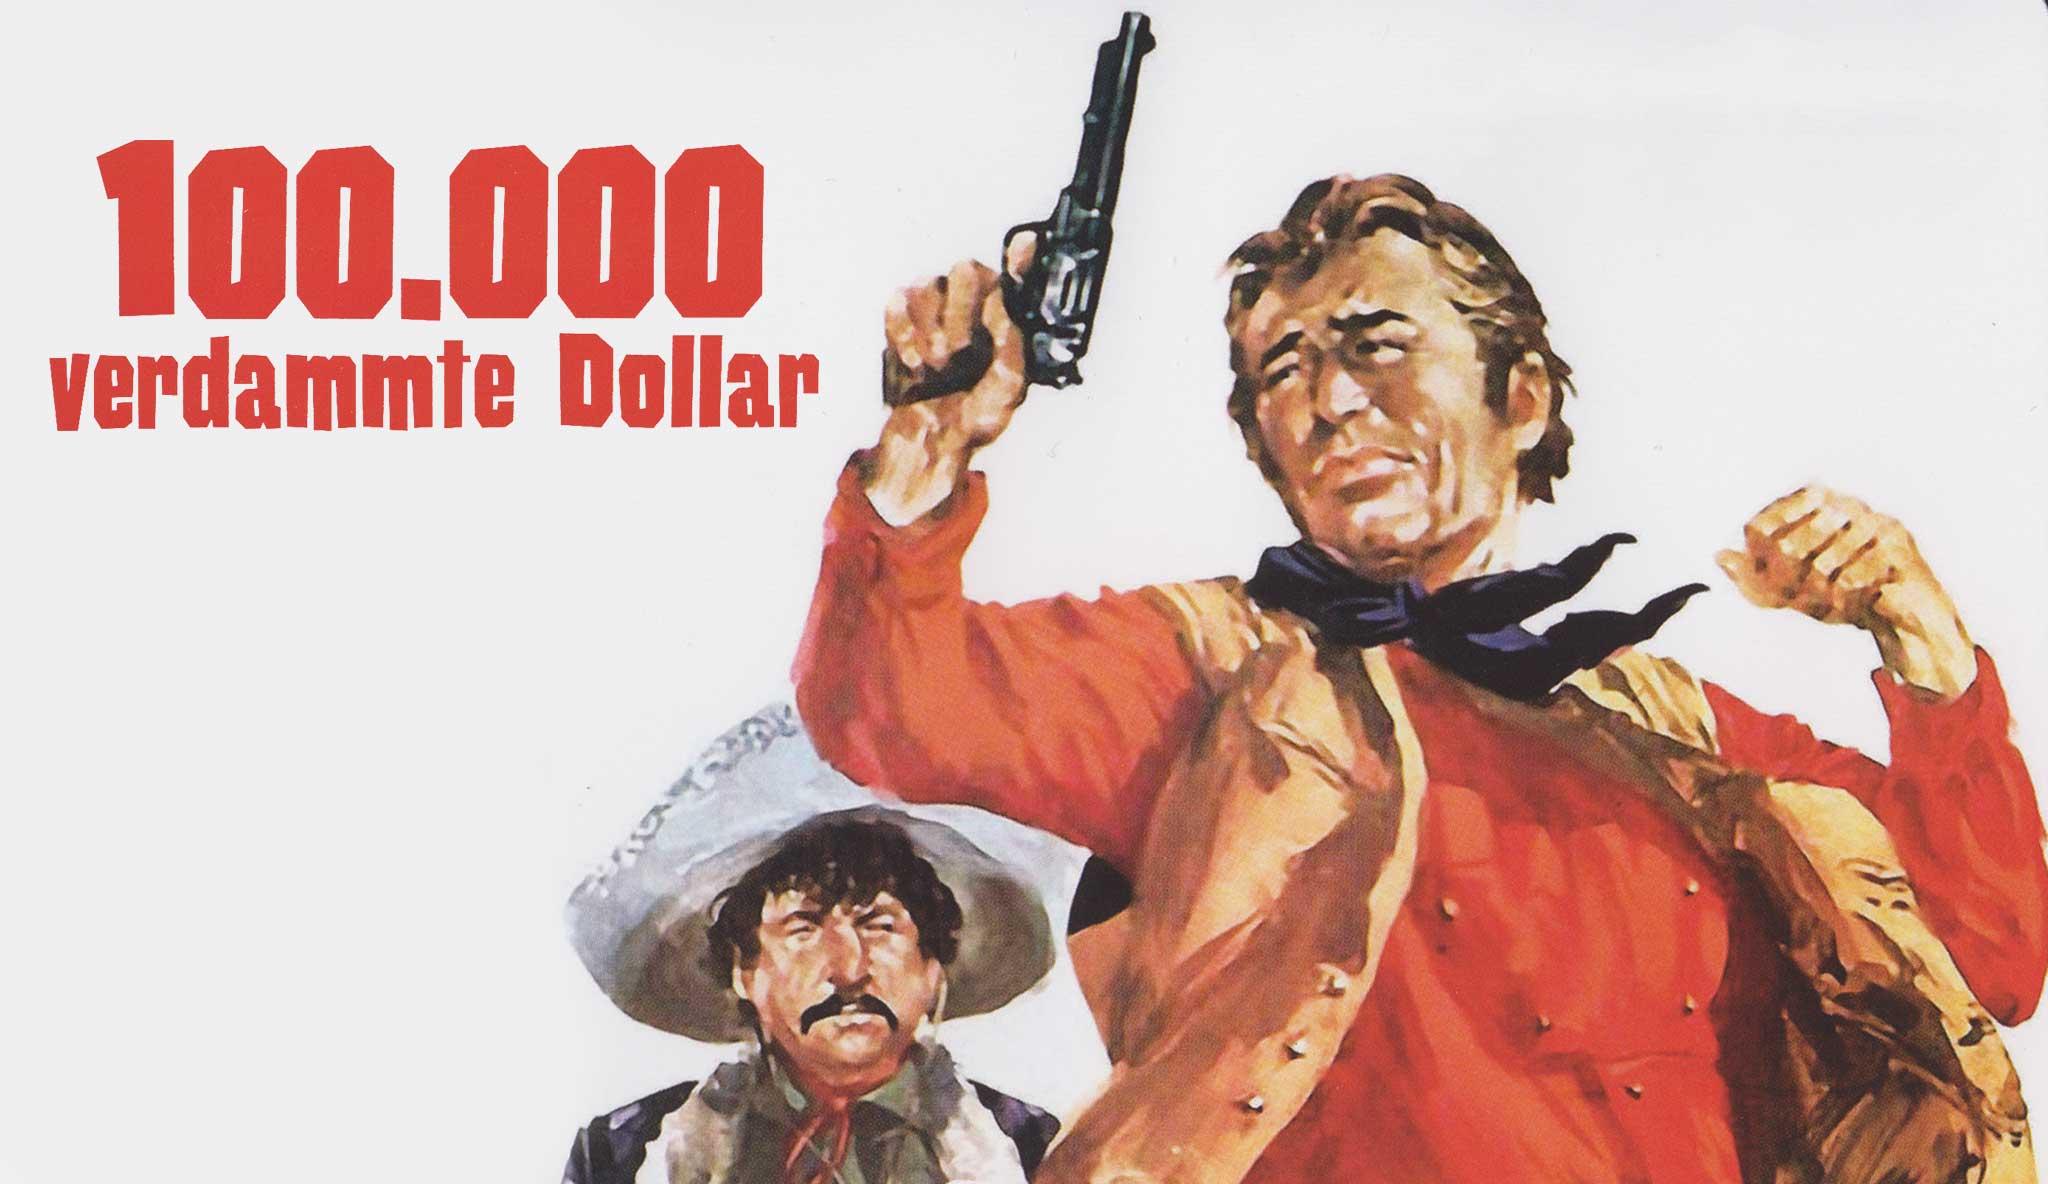 100-000-verdammte-dollar\header.jpg